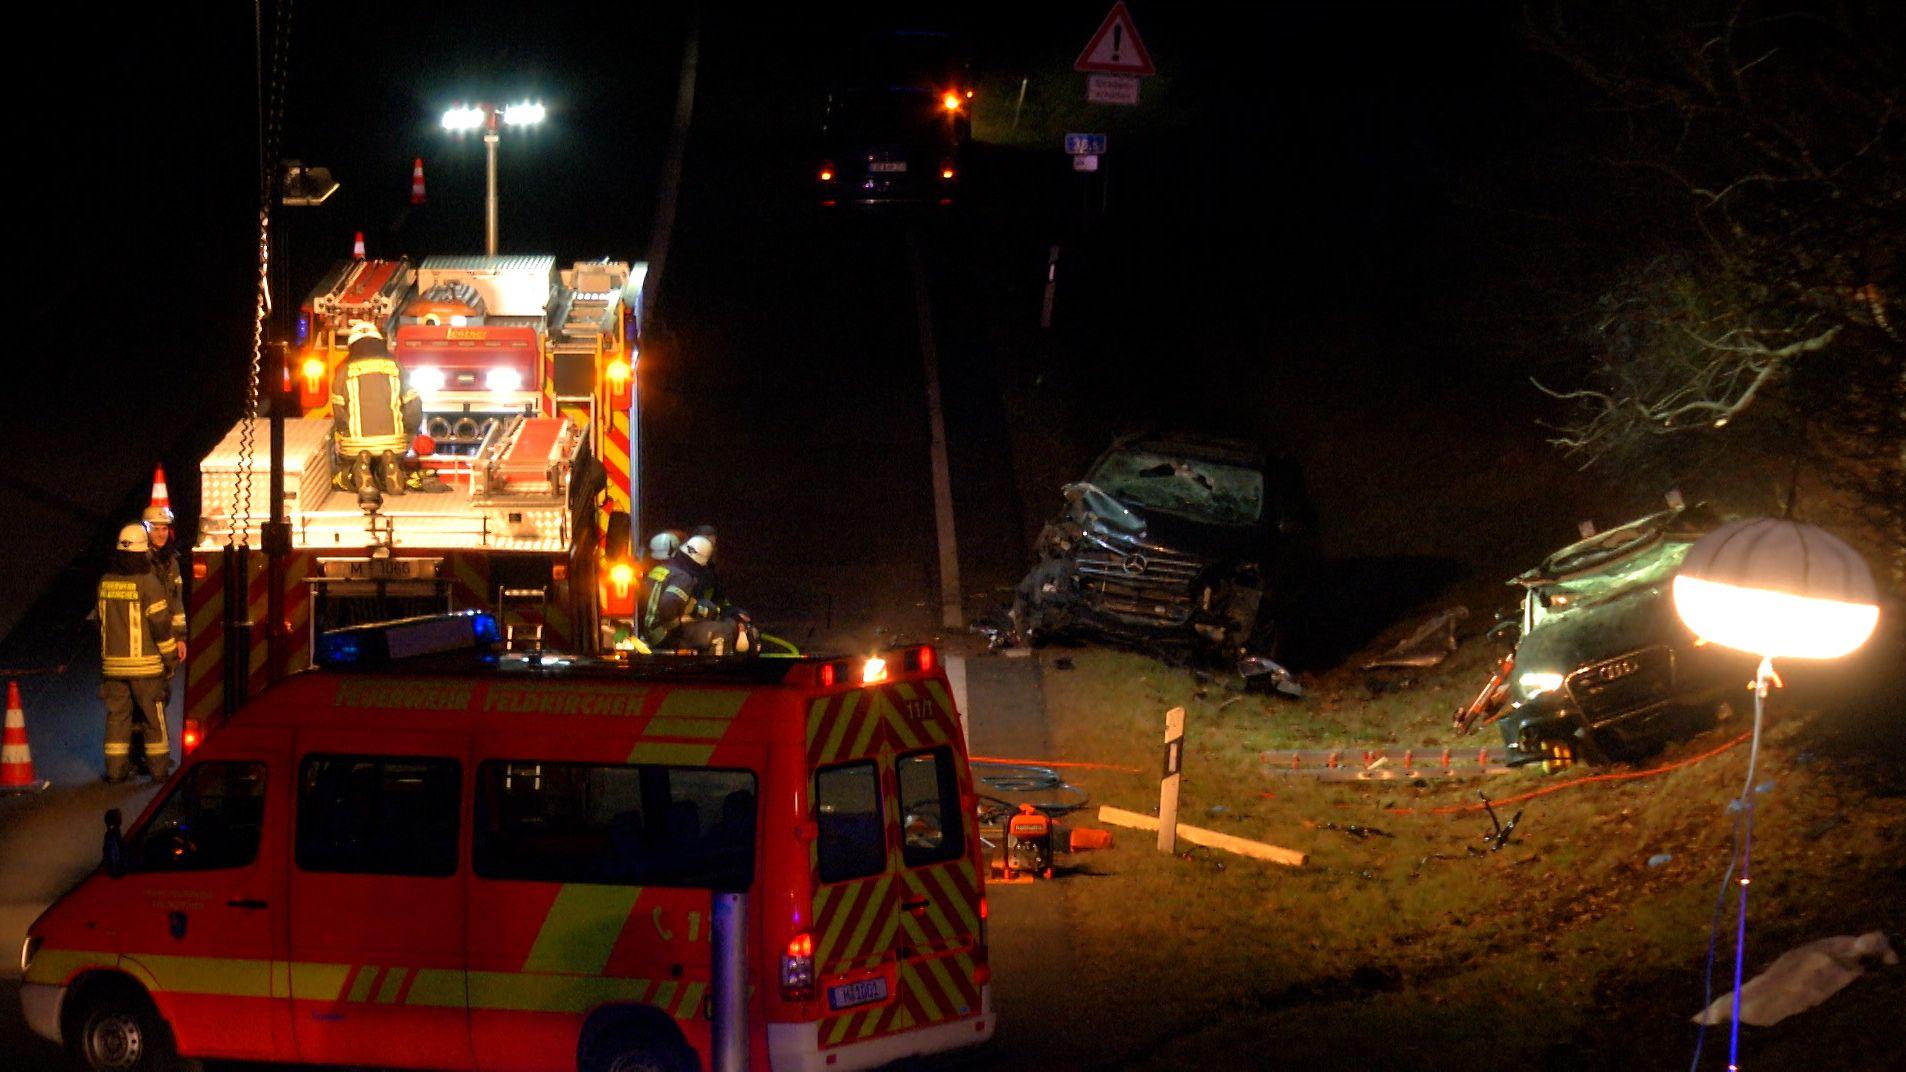 Bei einem schweren Verkehrsunfall auf der A99 im Münchner Osten sind am Samstagabend zwei Insassen eines Autos gestorben. Die Autobahn war stundenlang gesperrt.